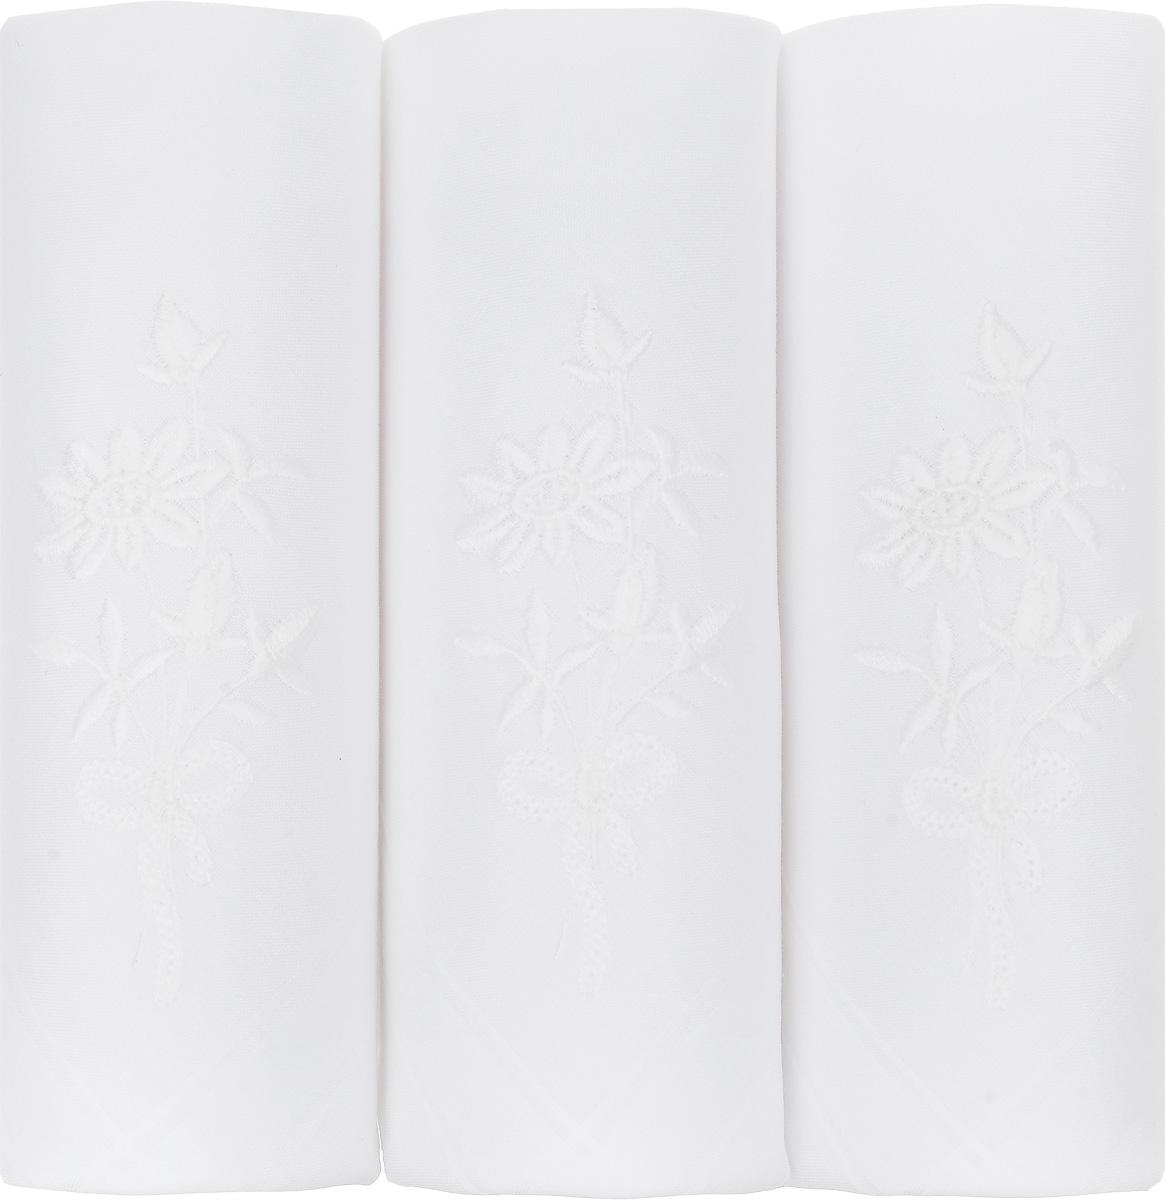 Платок носовой женский Zlata Korunka, цвет: белый, 3 шт. 06601-1. Размер 30 см х 30 смСерьги с подвескамиНебольшой женский носовой платок Zlata Korunka изготовлен из высококачественного натурального хлопка, благодаря чему приятен в использовании, хорошо стирается, не садится и отлично впитывает влагу. Практичный и изящный носовой платок будет незаменим в повседневной жизни любого современного человека. Такой платок послужит стильным аксессуаром и подчеркнет ваше превосходное чувство вкуса.В комплекте 3 платка.